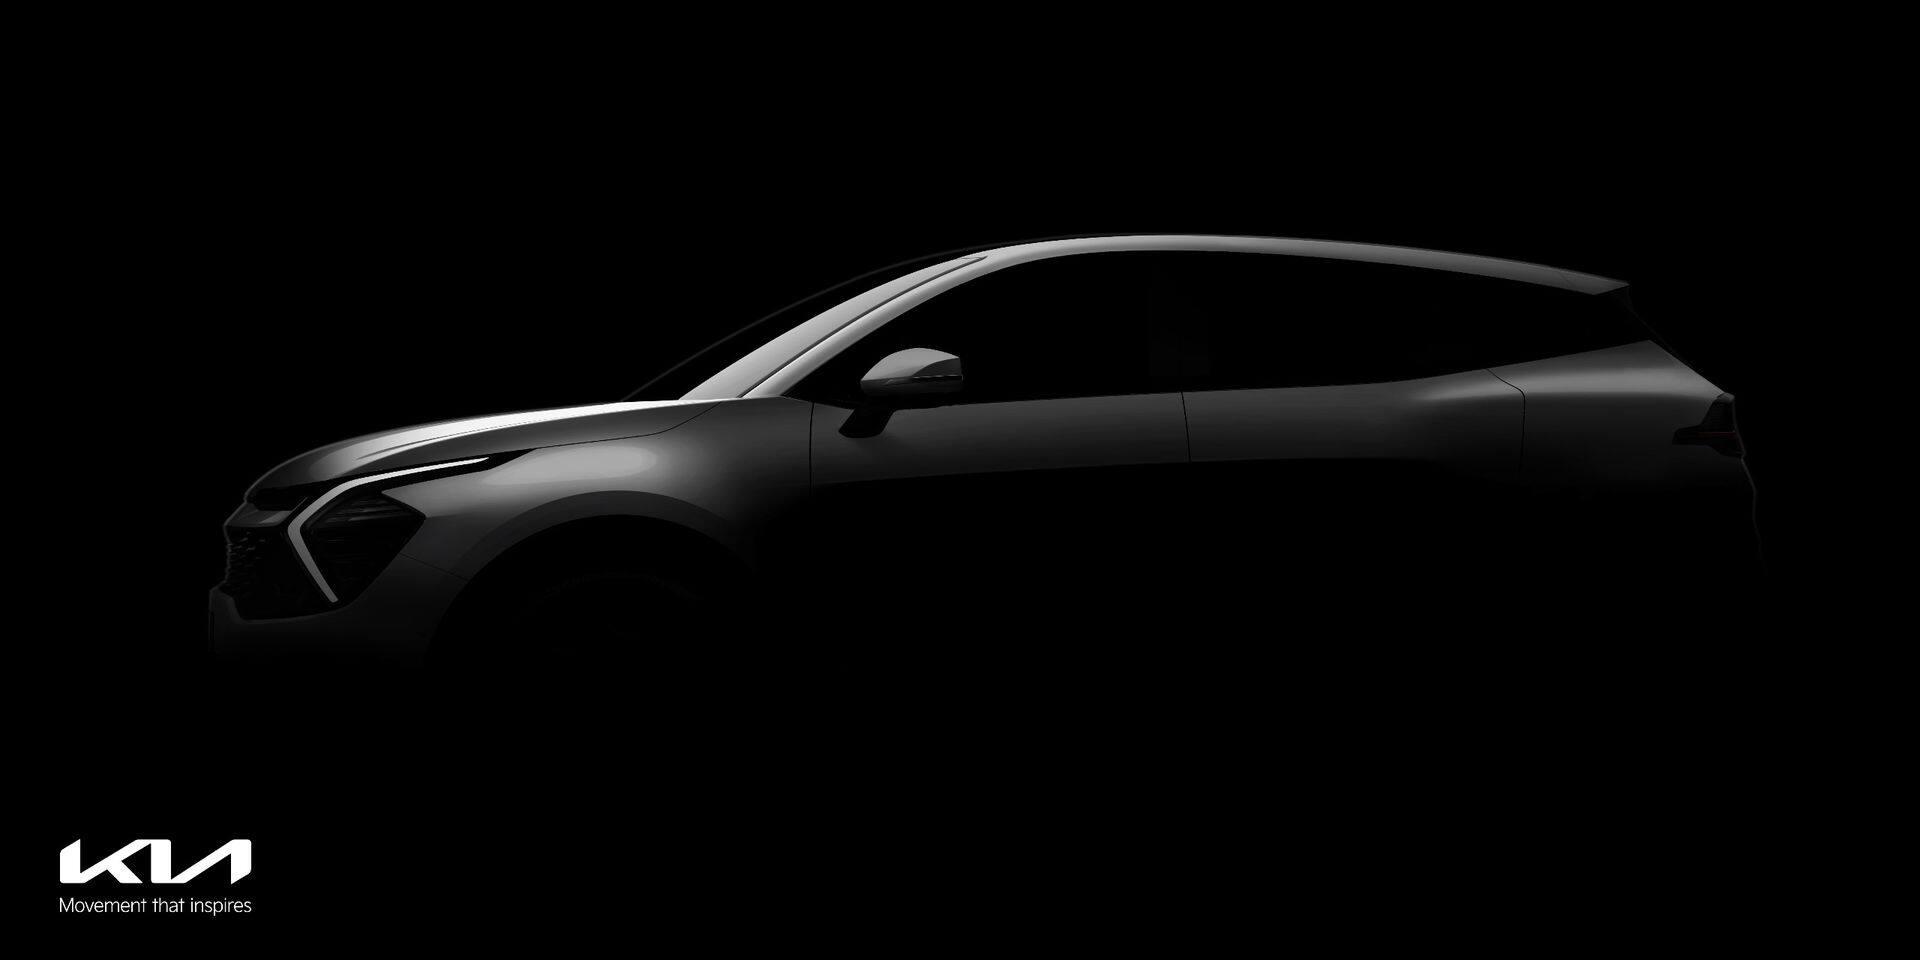 Le nouveau Kia Sportage s'annonce (déjà !)